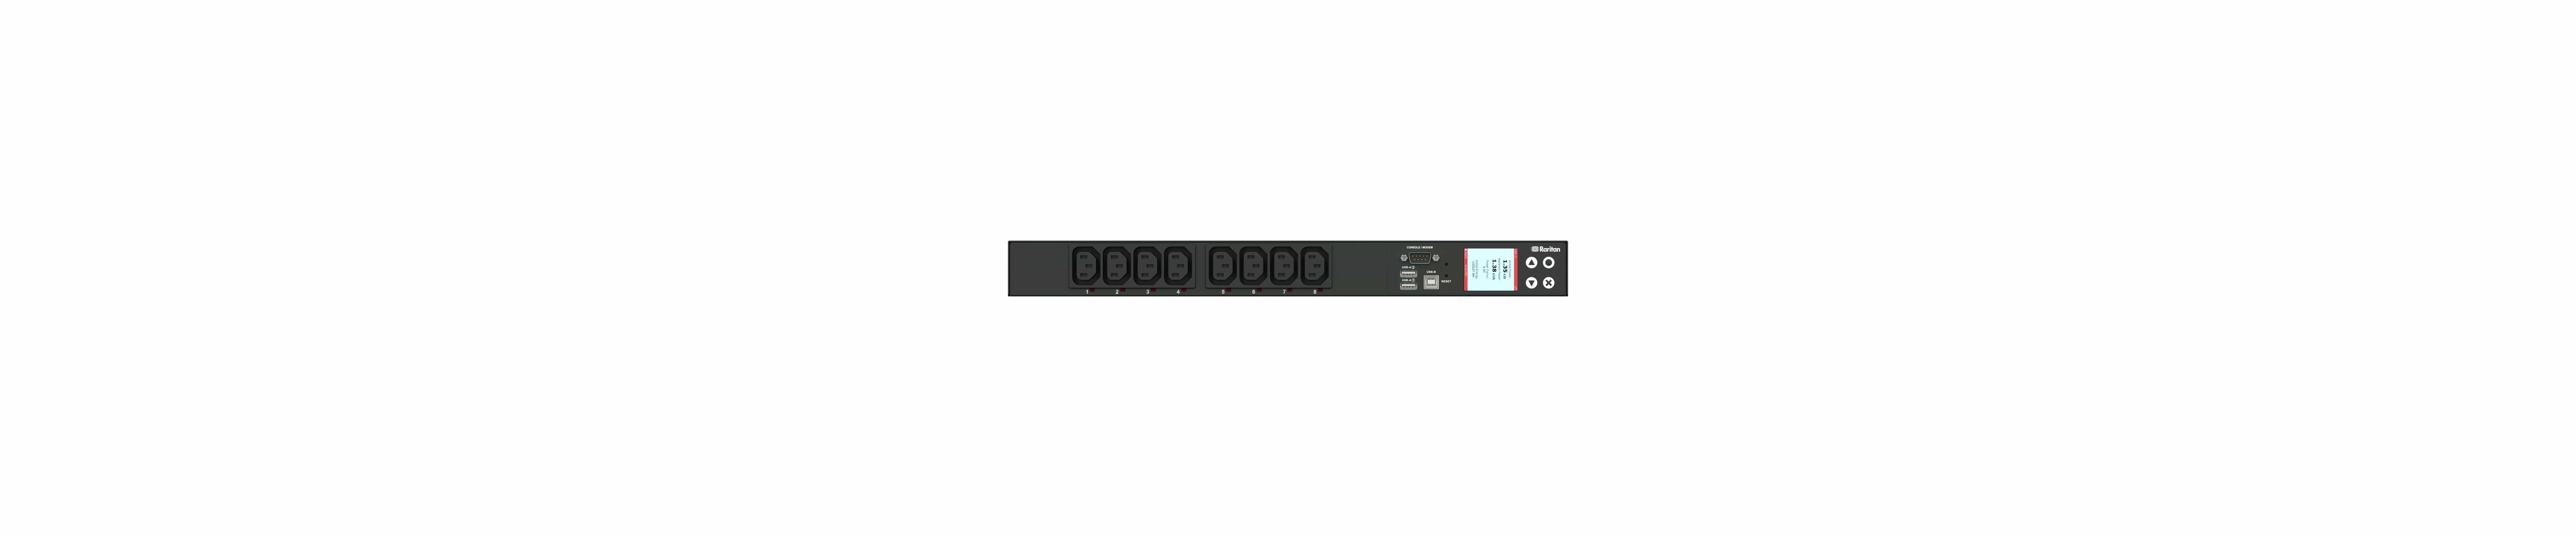 PX3-5190R - przemysłowa, inteligentna listwa zasilająca iPDU, Raritan